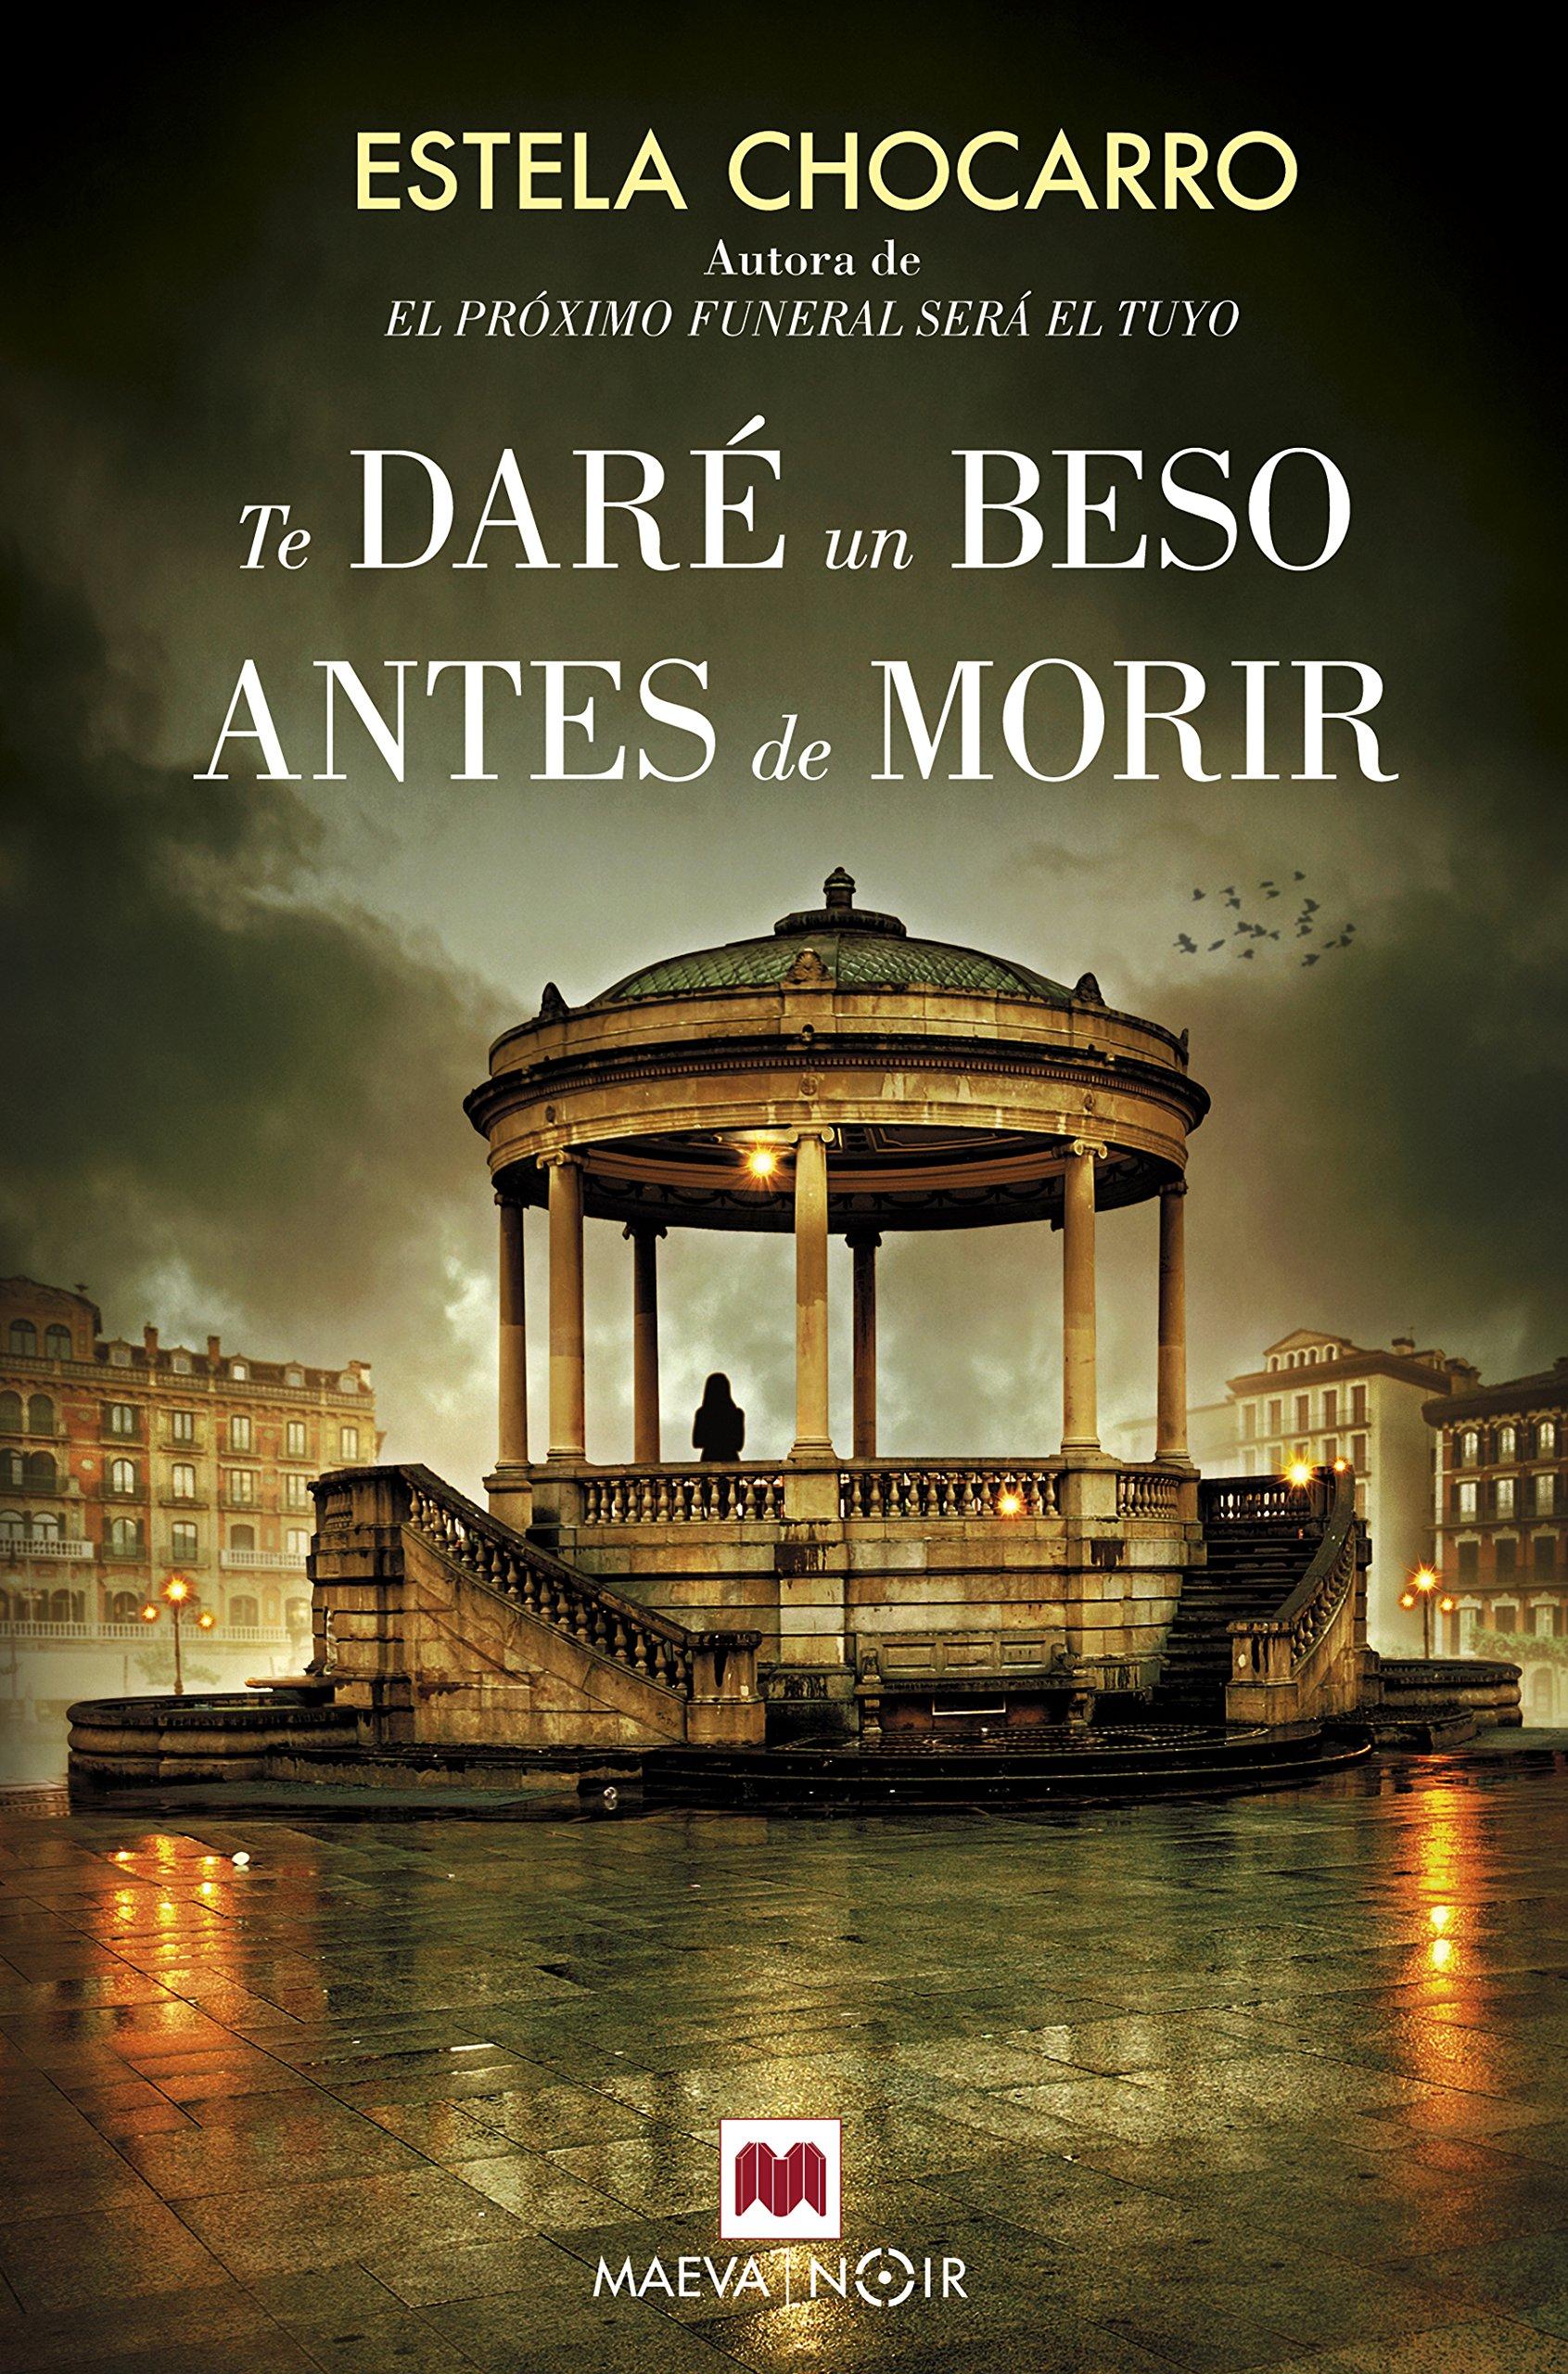 Te daré un beso antes de morir (MAEVA noir): Amazon.es: Estela Chocarro: Libros